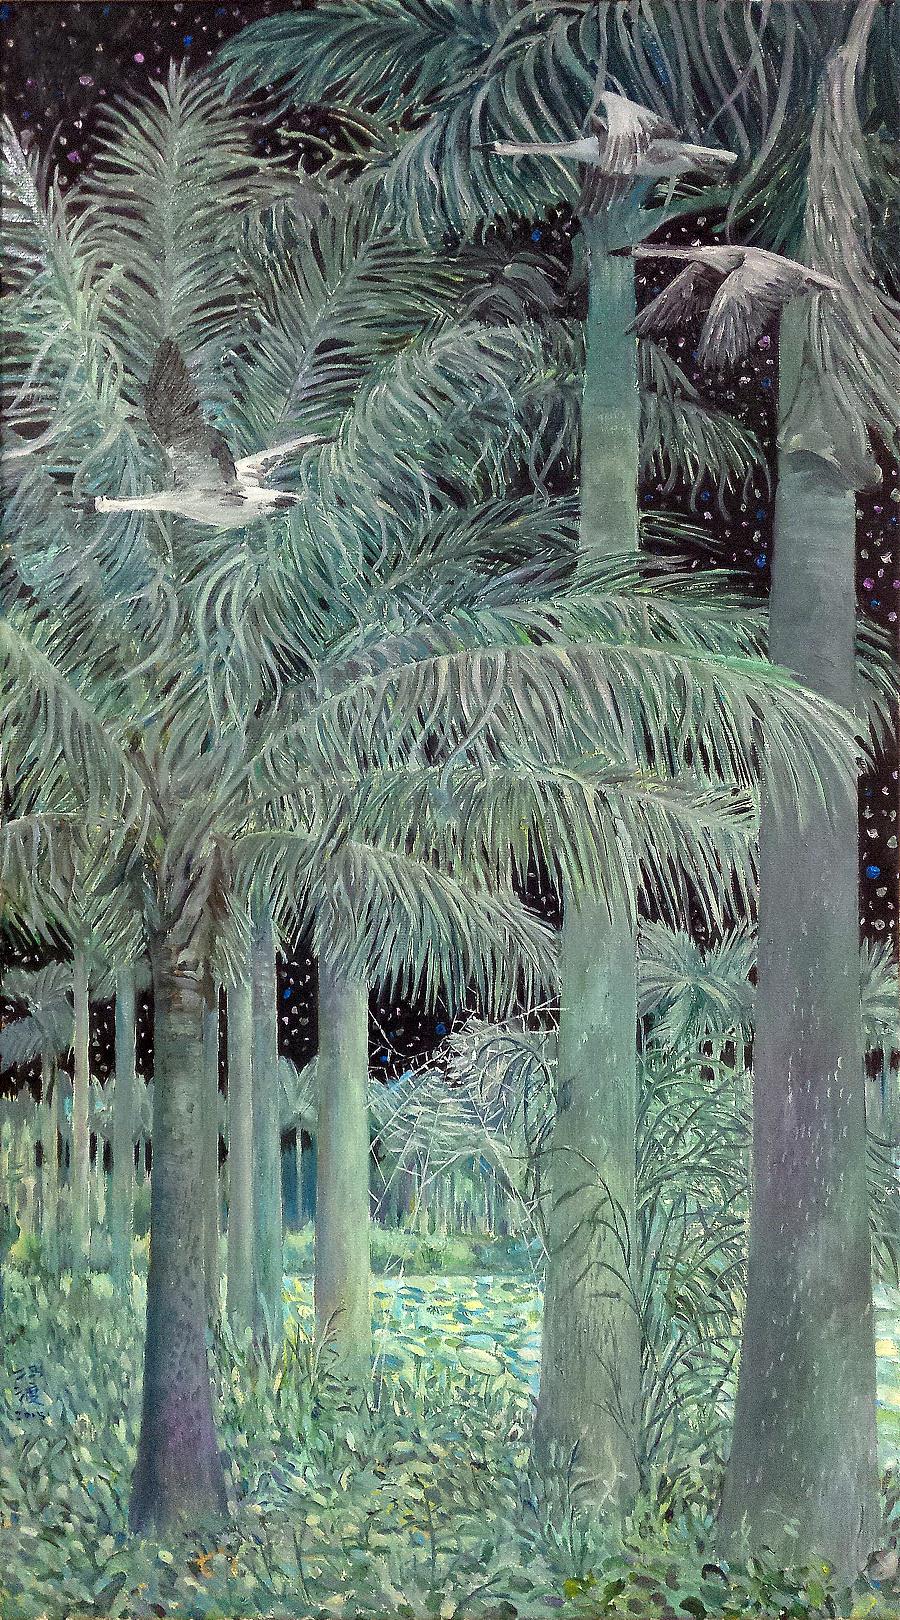 查看《《渡·門》系列秋冬之季最新作品十幅》原图,原图尺寸:2247x4044